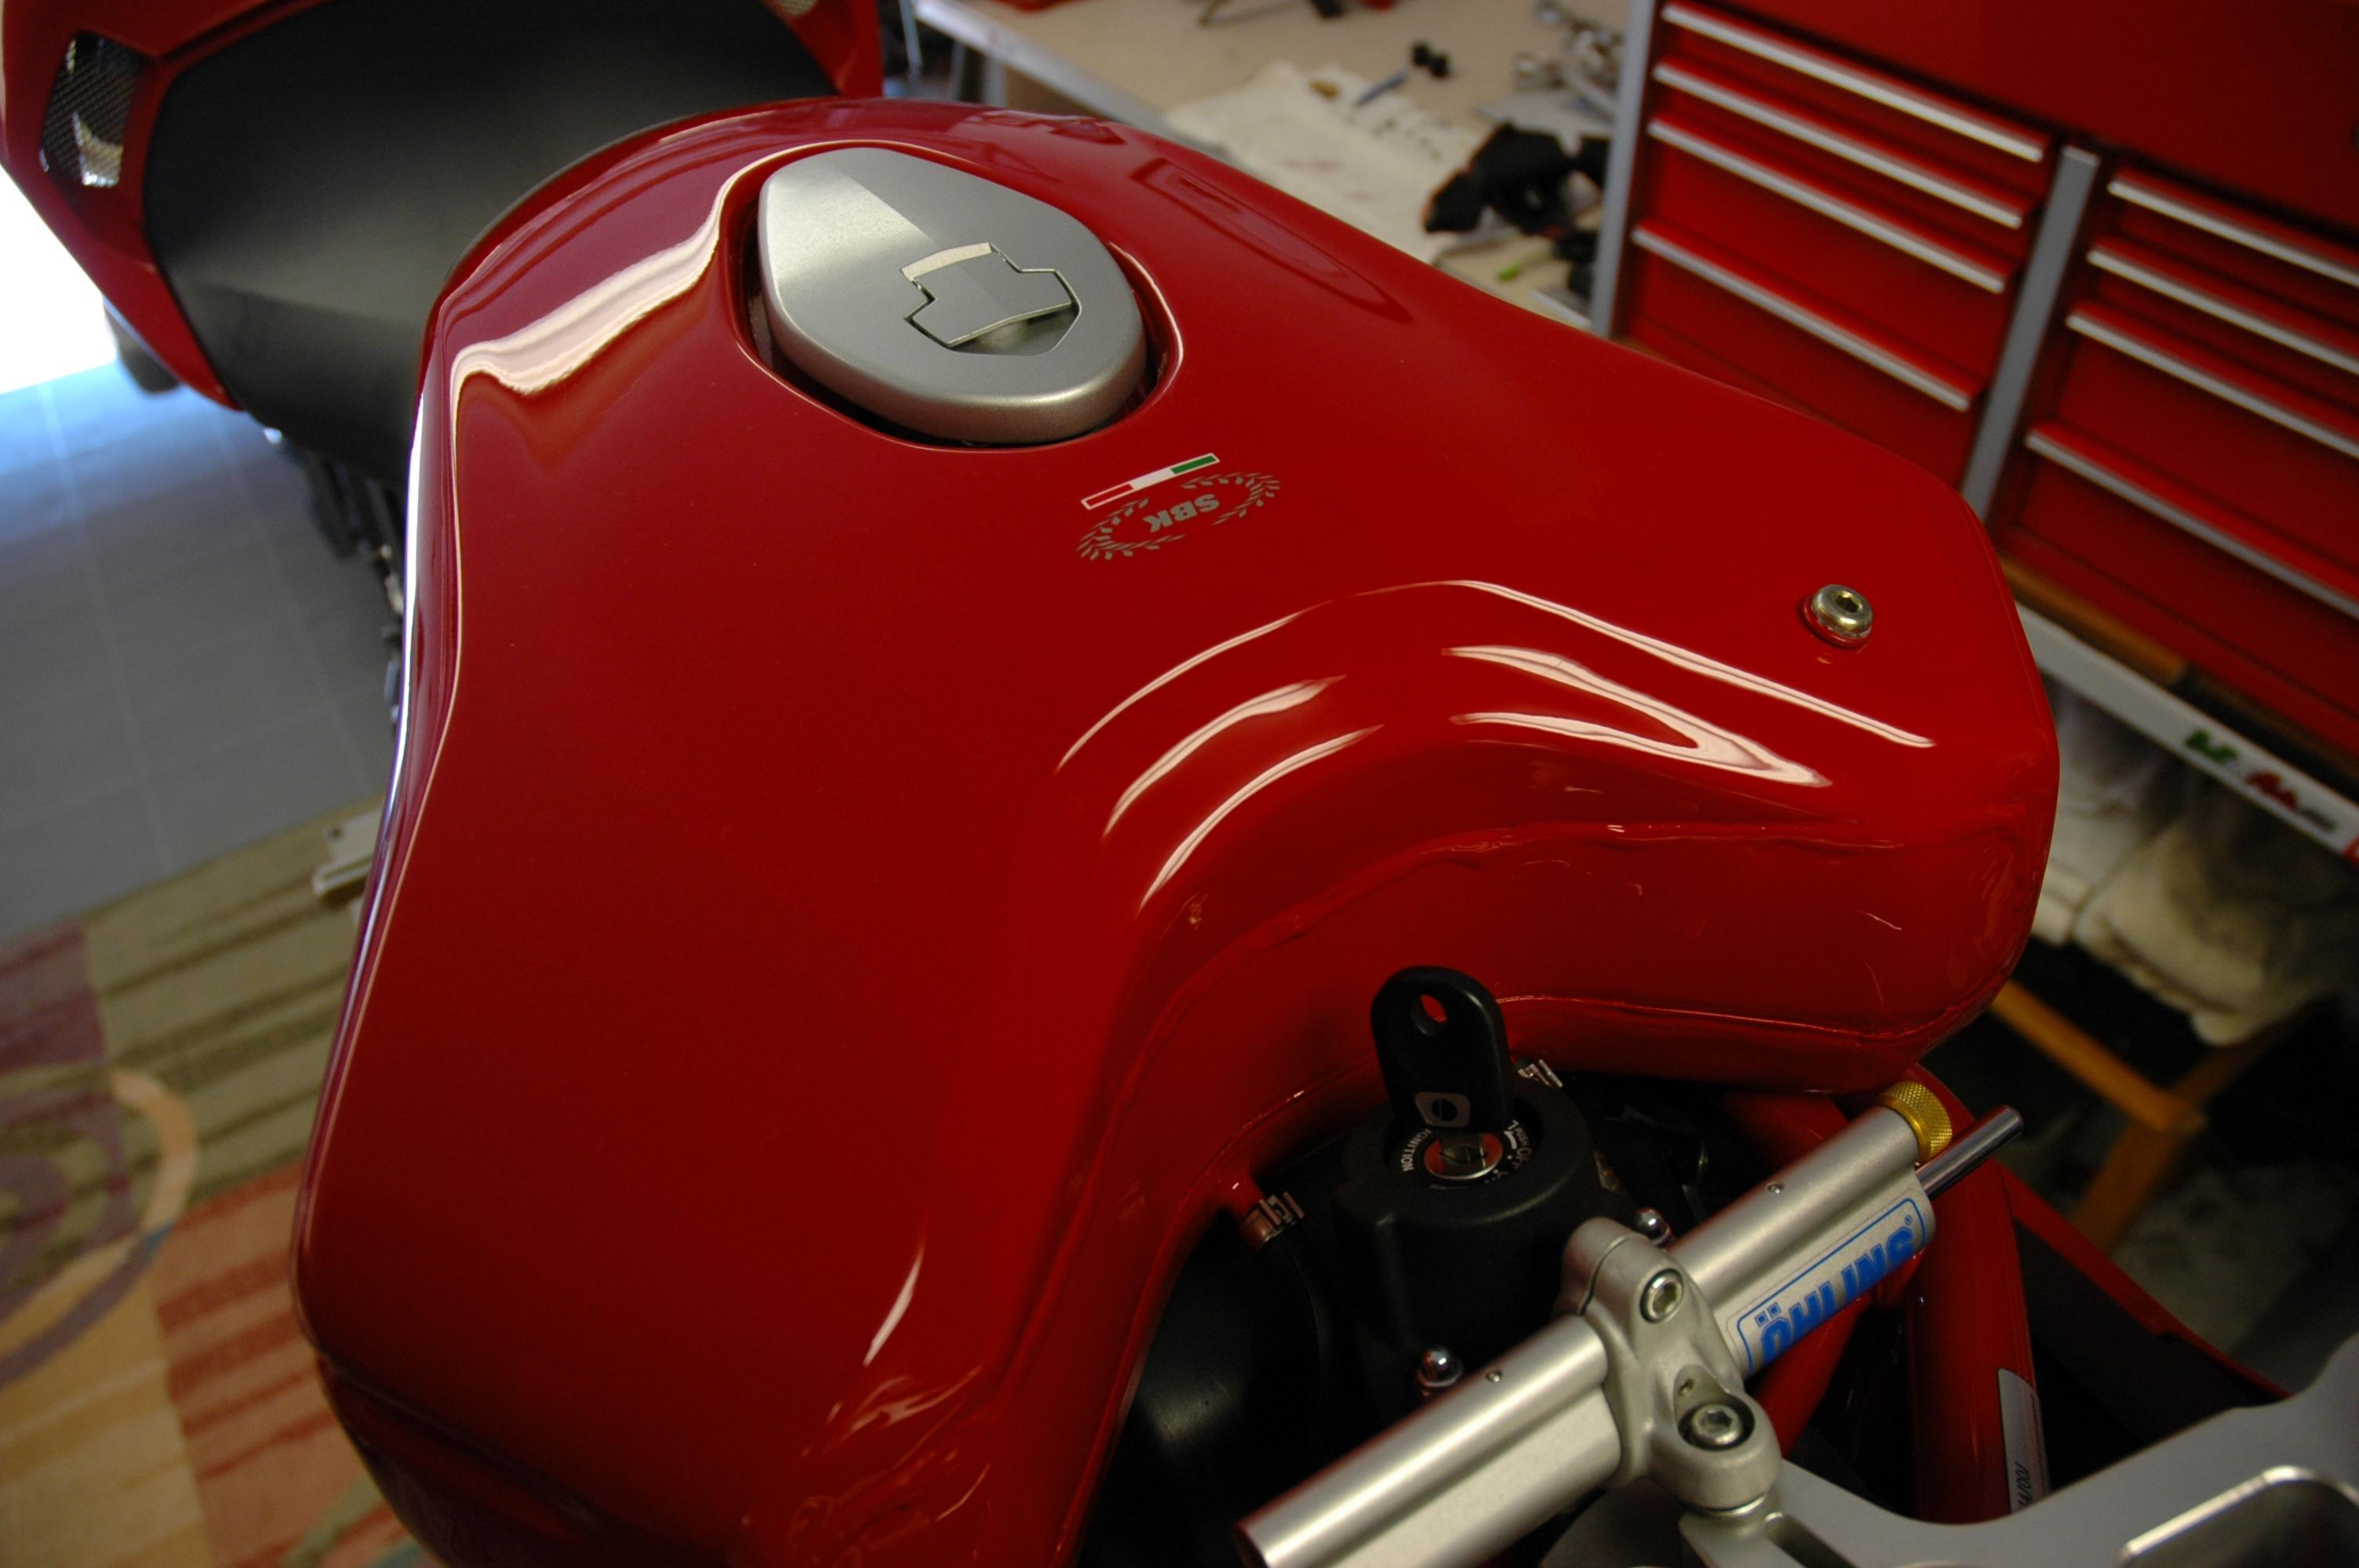 Ducati Scrambler Larger Gas Tank